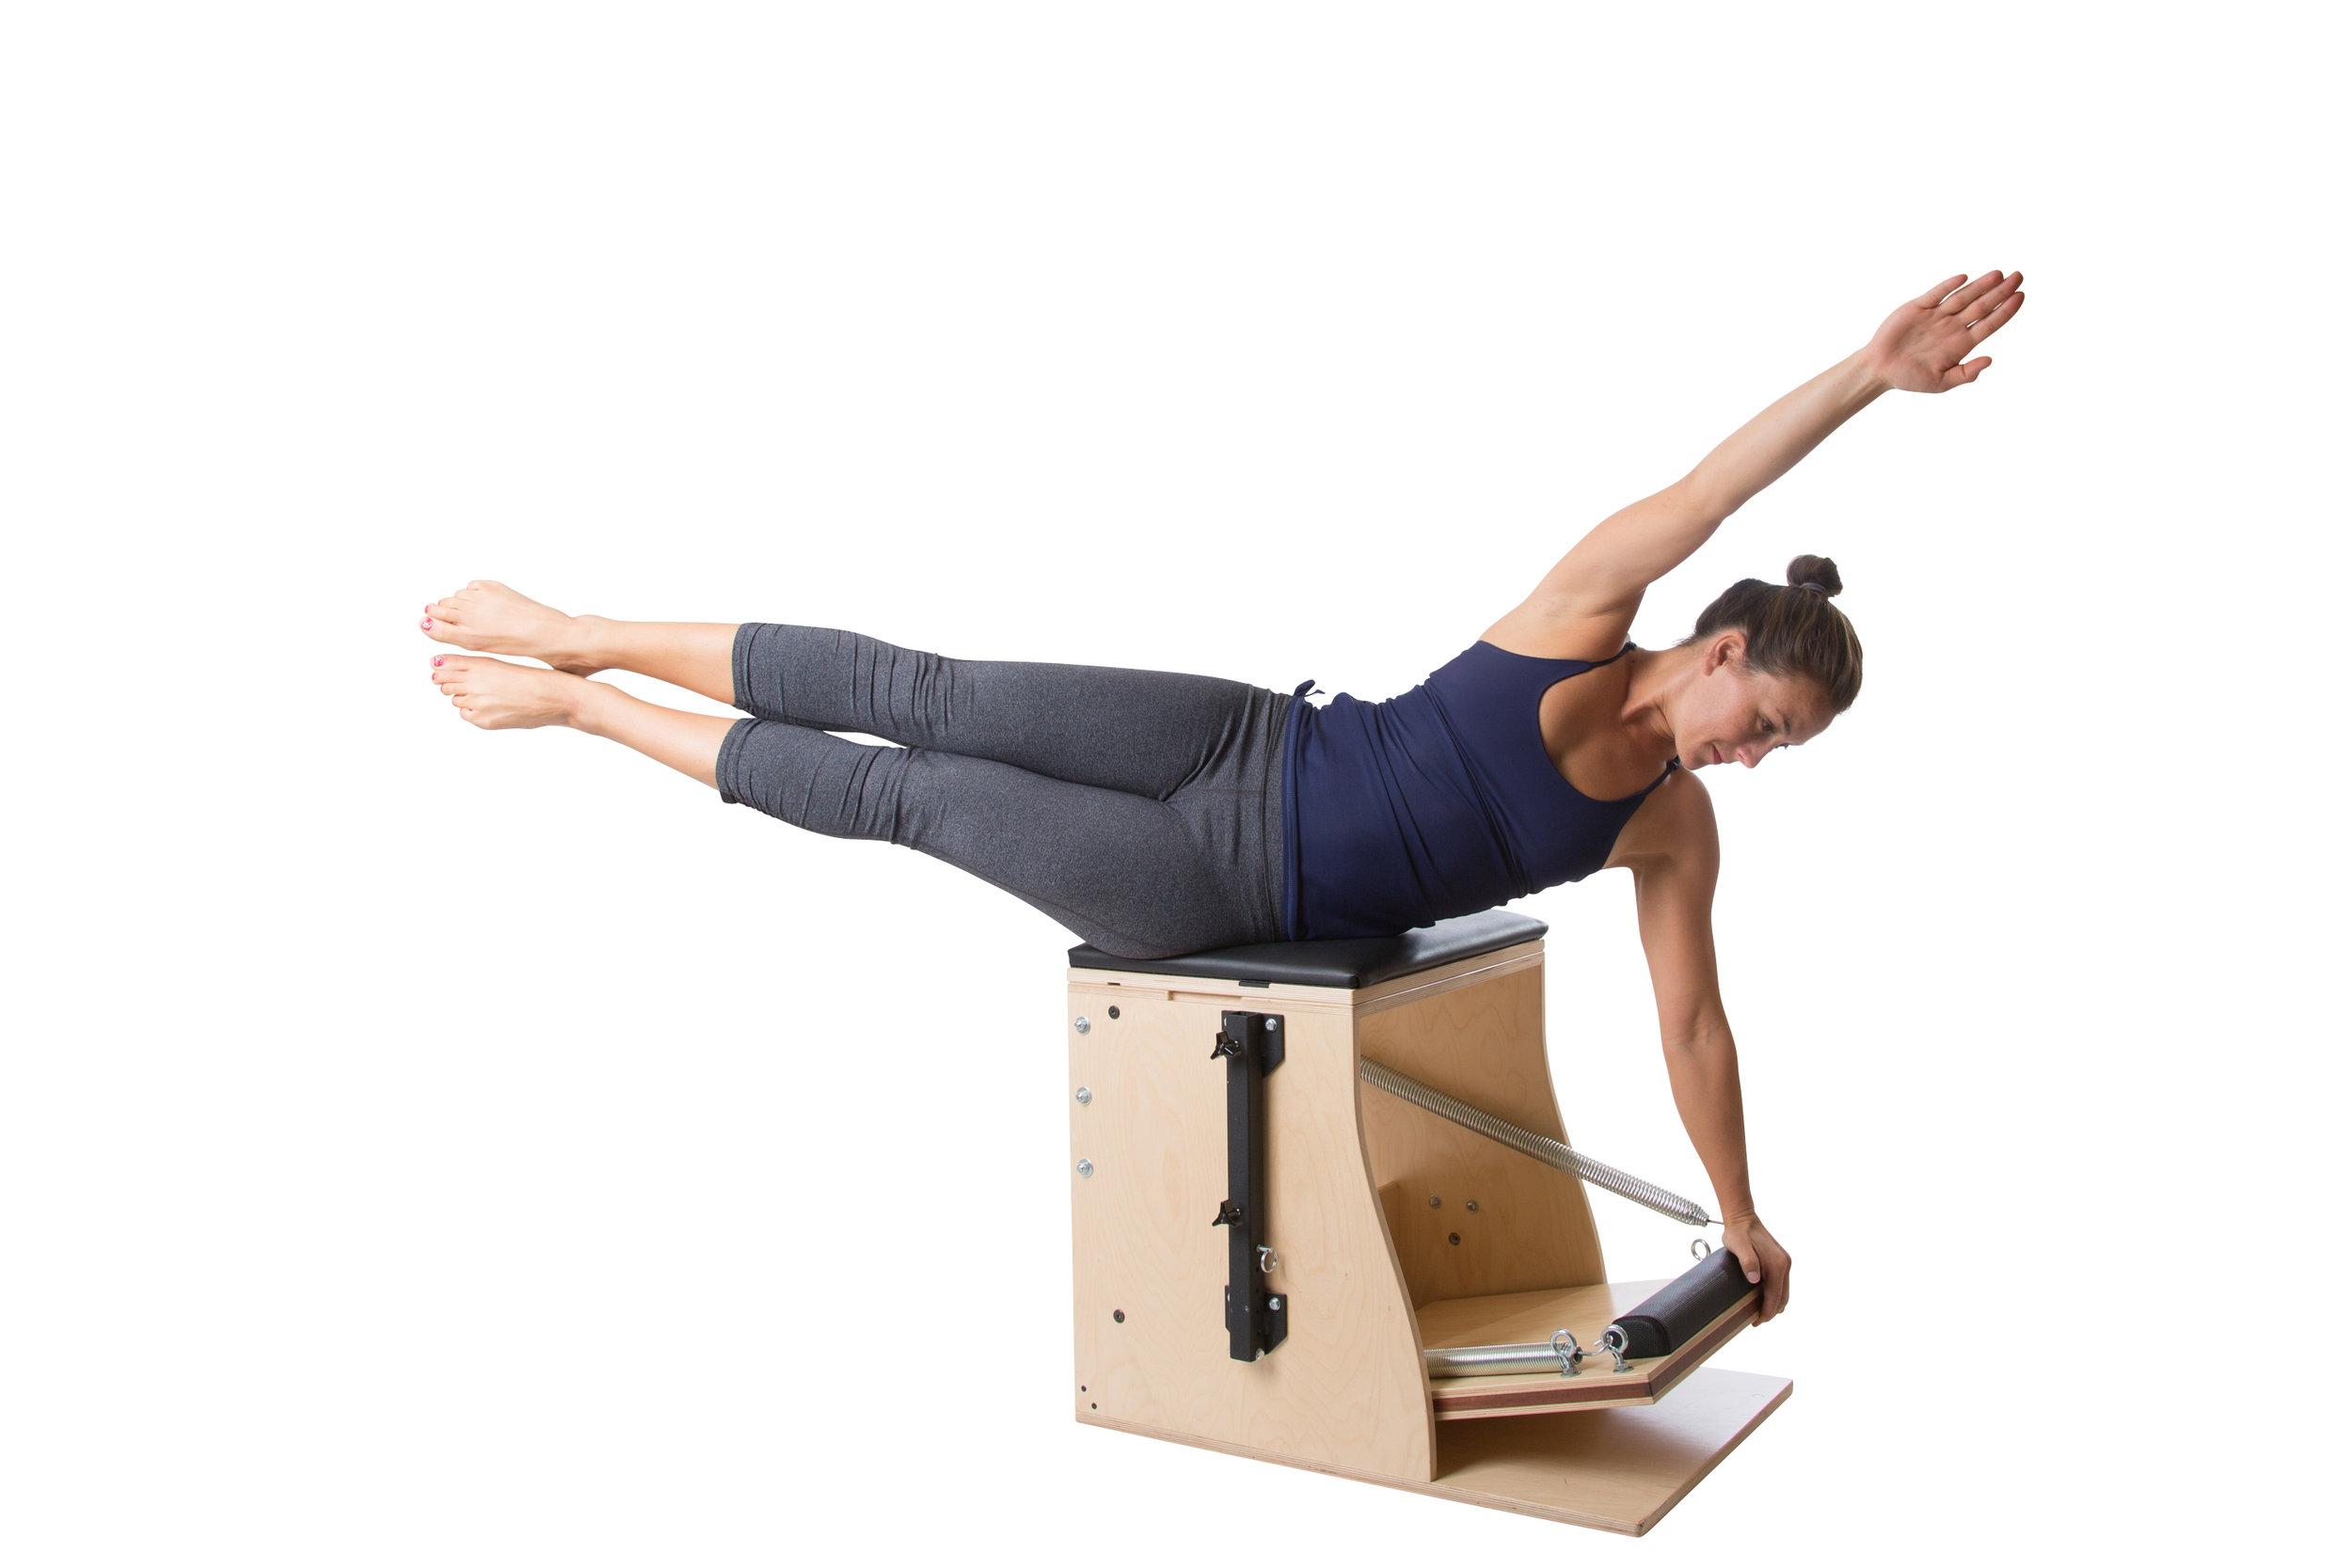 Der Teaser mit Rotation auf dem Wunda Chair fördert die Balance